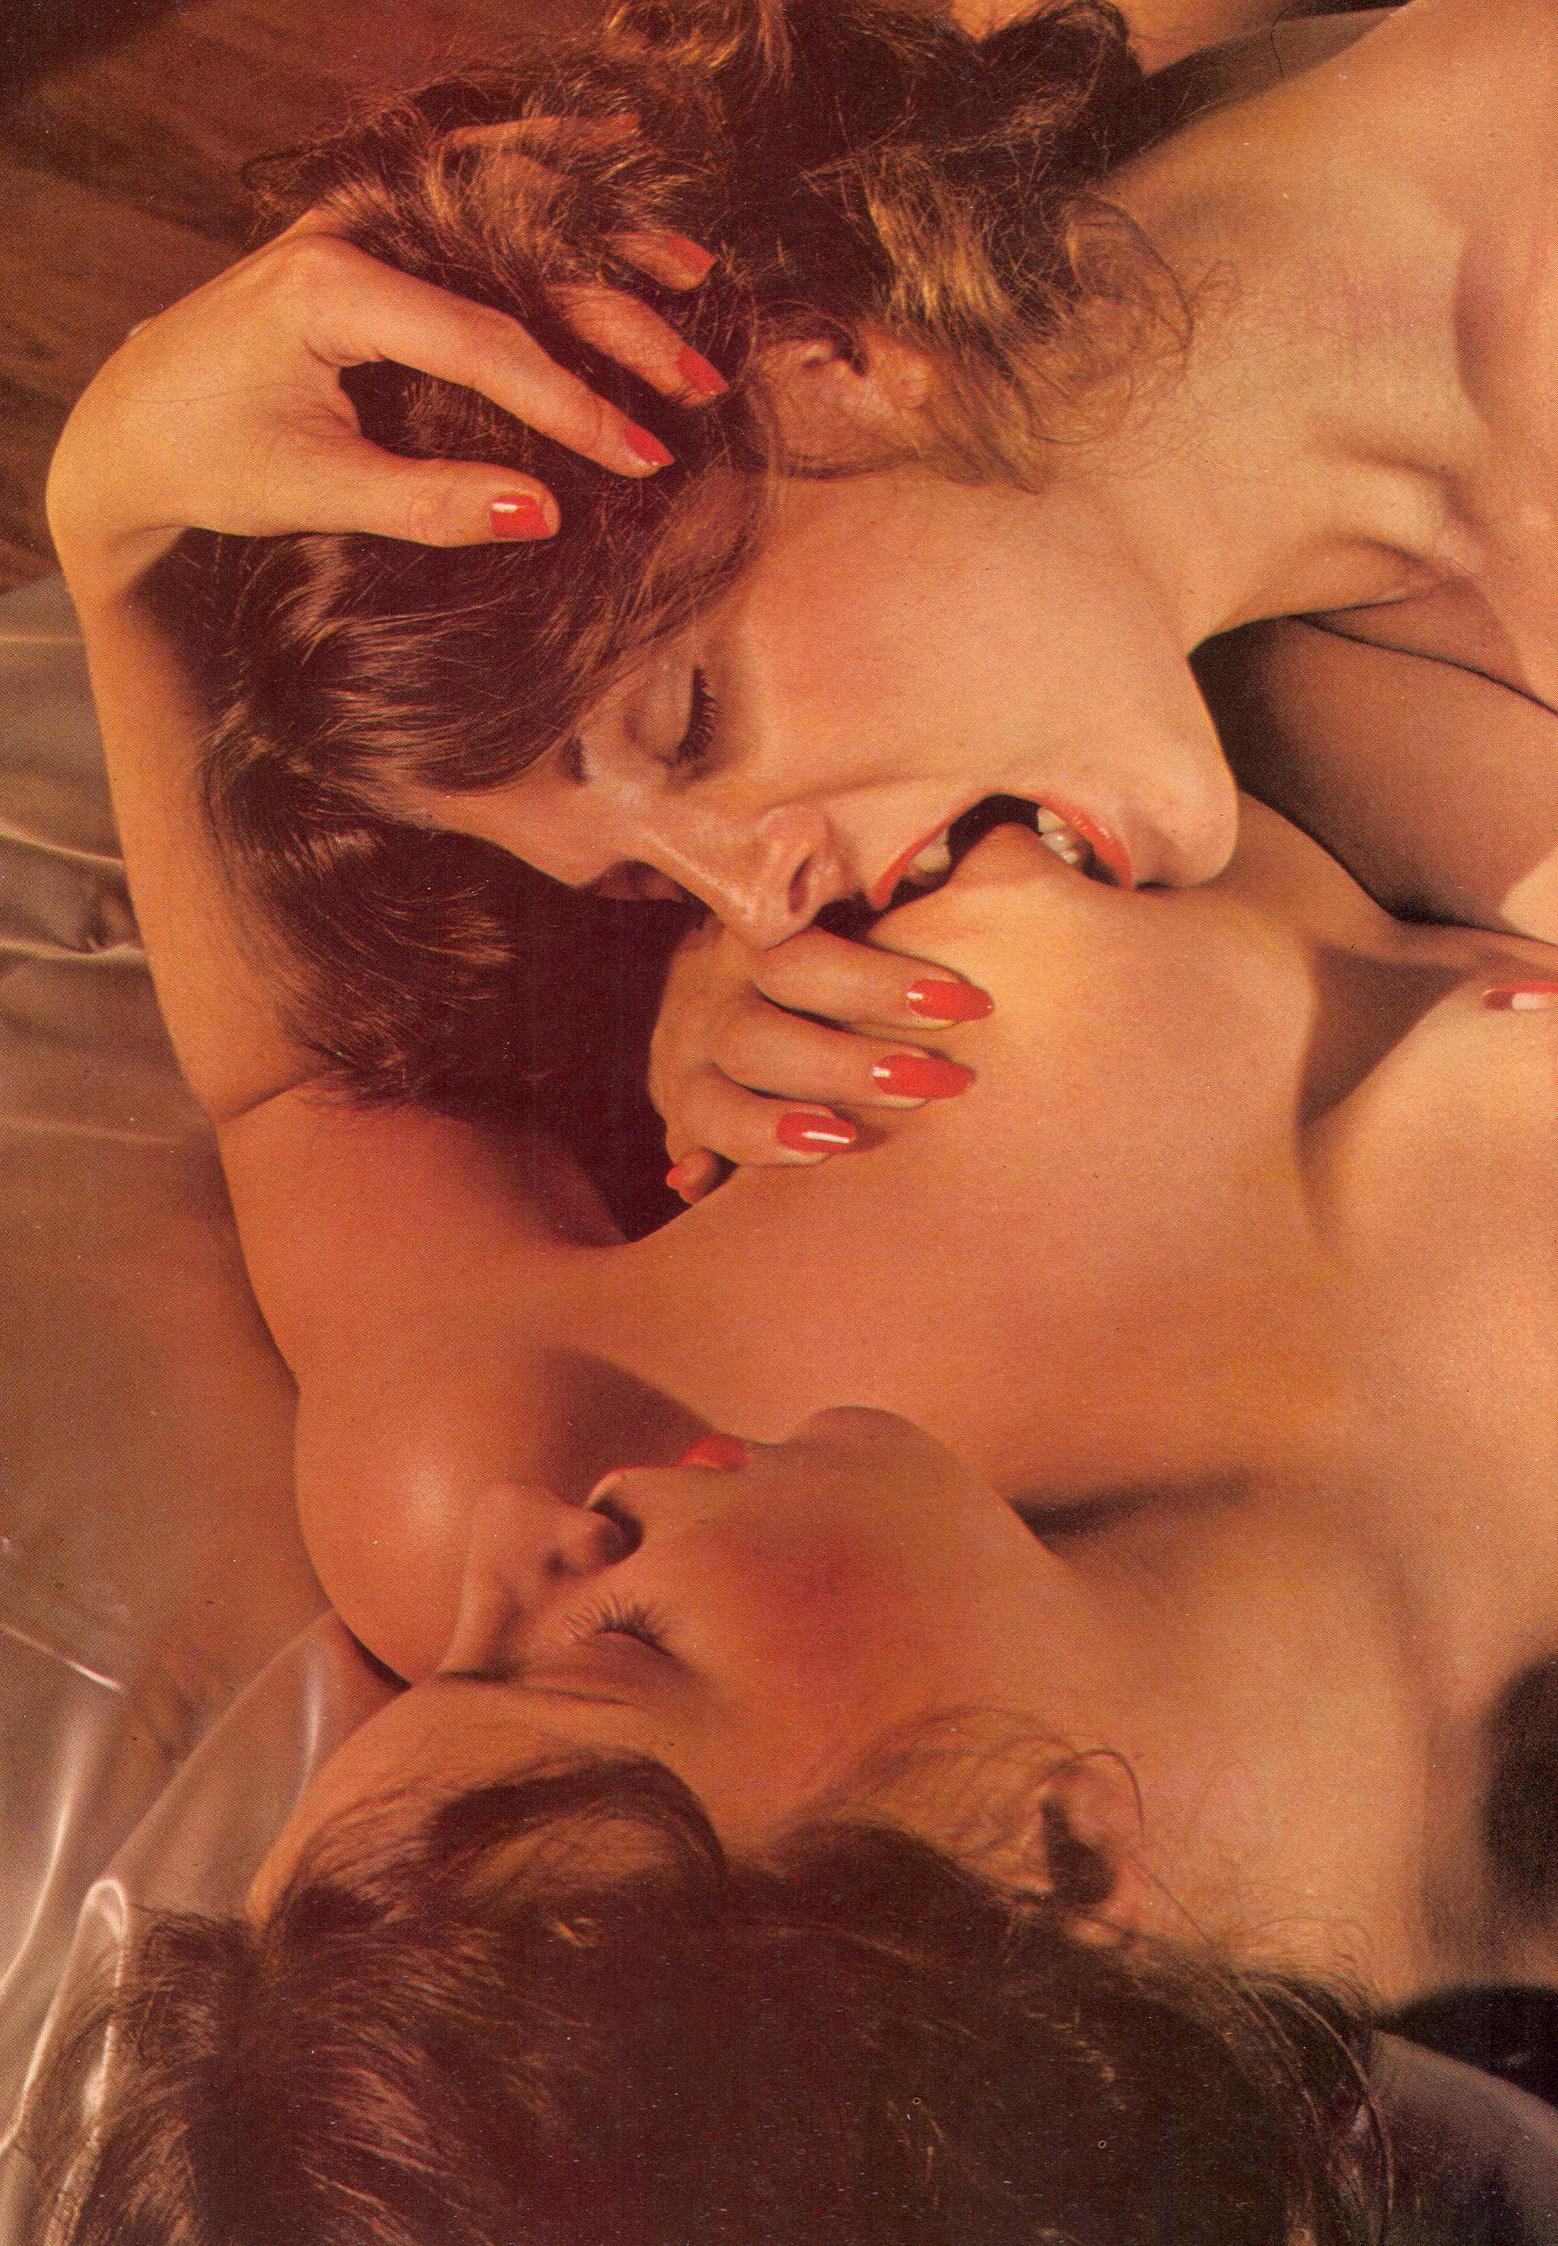 elaine-and-helene-club-magazine-1978